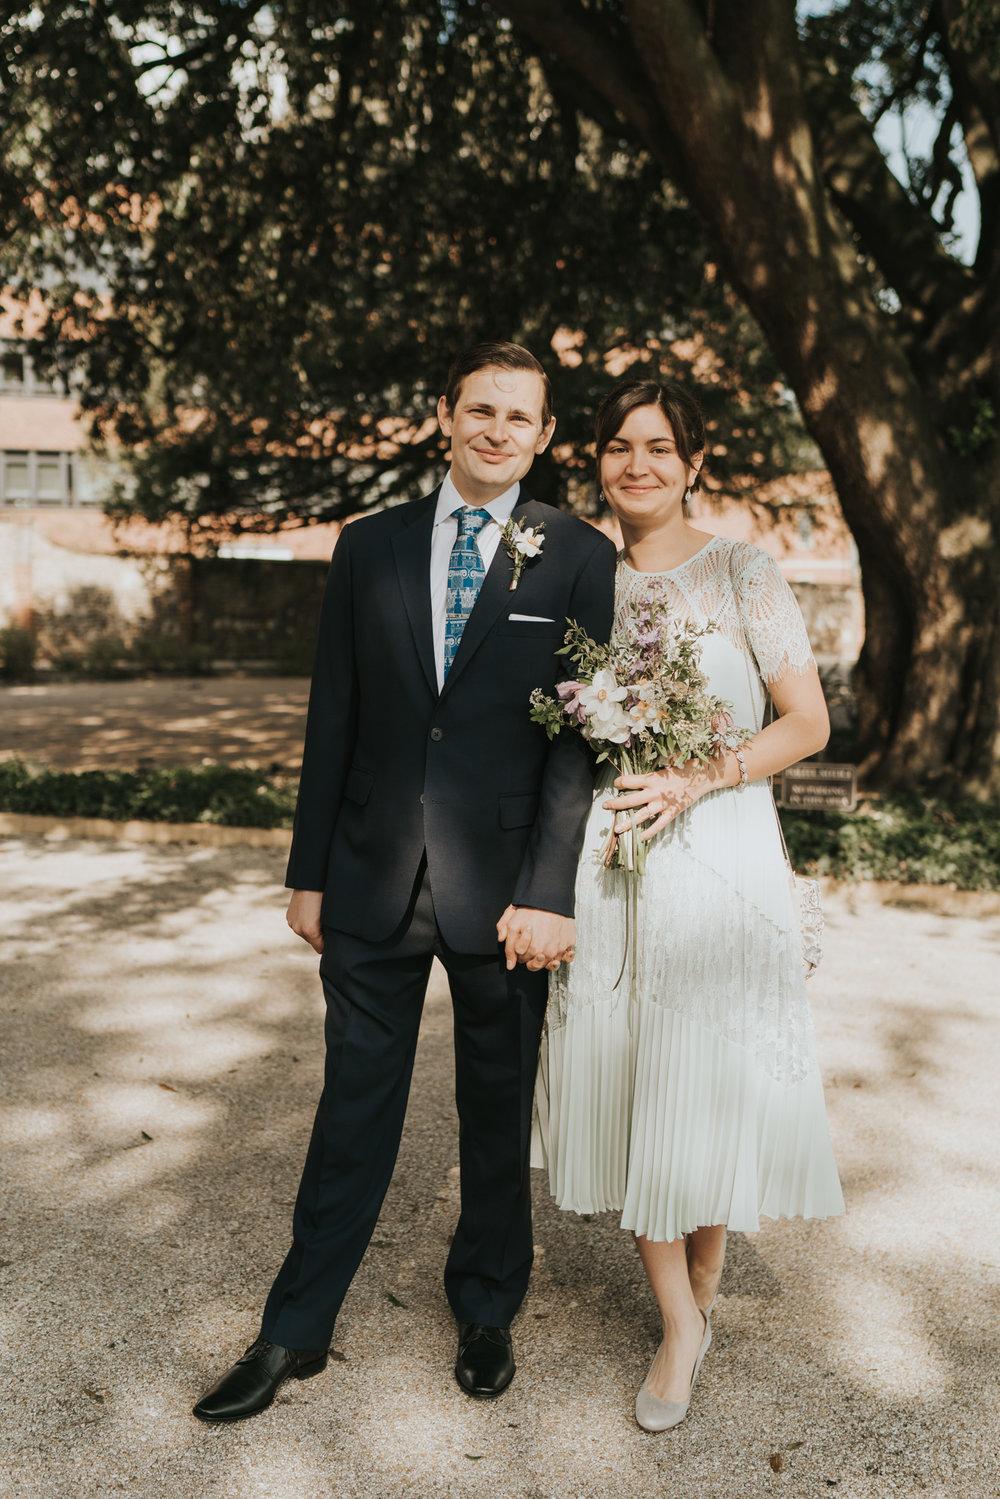 Will-Rhiannon-Art-Deco-Alterative-Essex-Wedding-Suffolk-Grace-Elizabeth-28.jpg